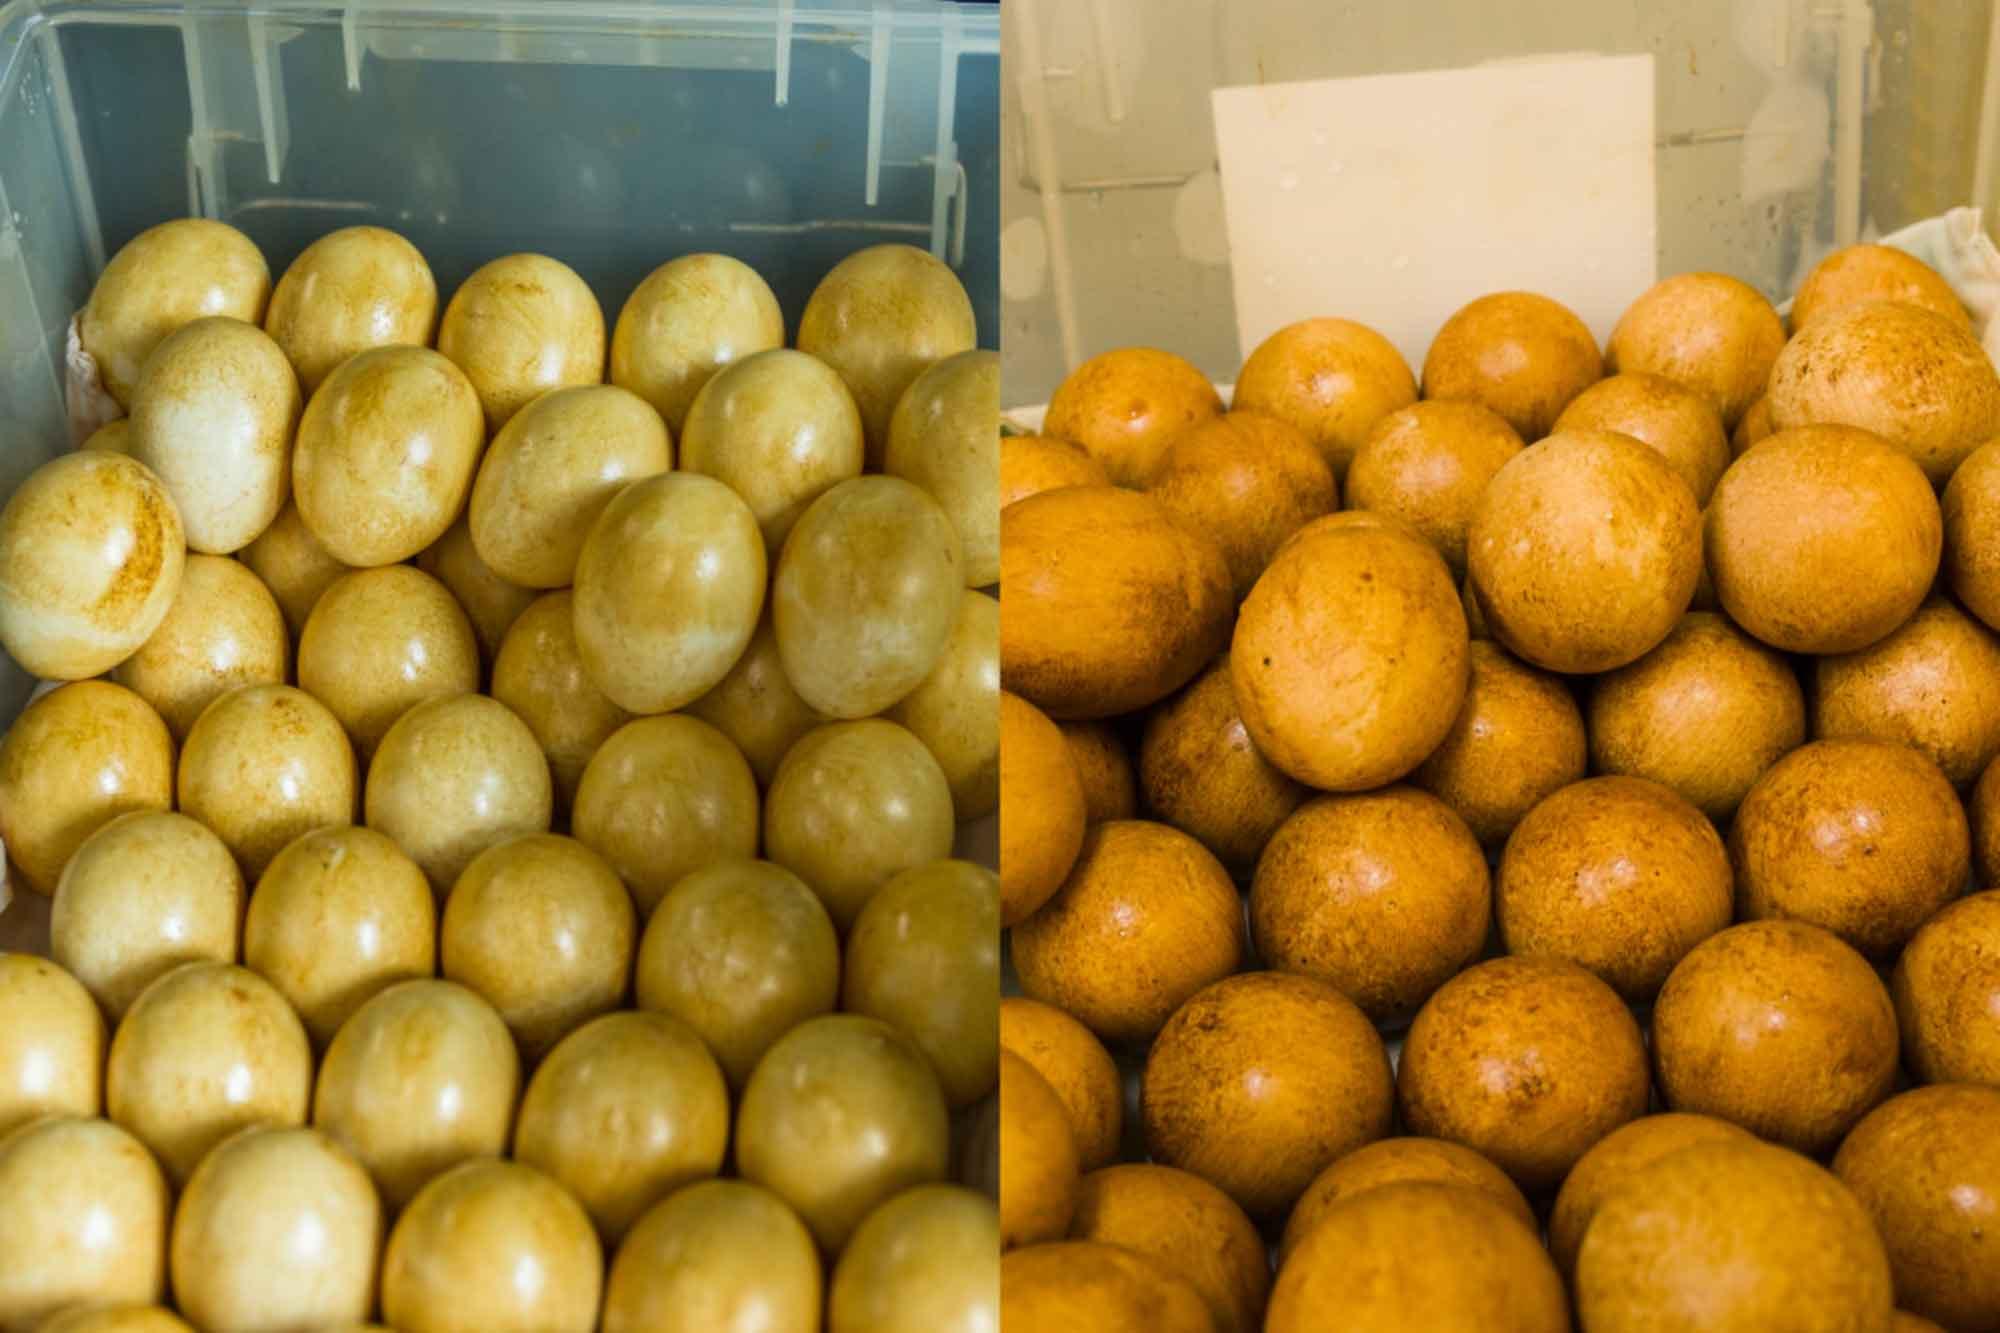 山形県アンテナショップおいしい山形 つくり手を訪ねて|有限会社半澤鶏卵:上が熟成前の卵。下が熟成後の卵。色が濃くなっていることがわかります。